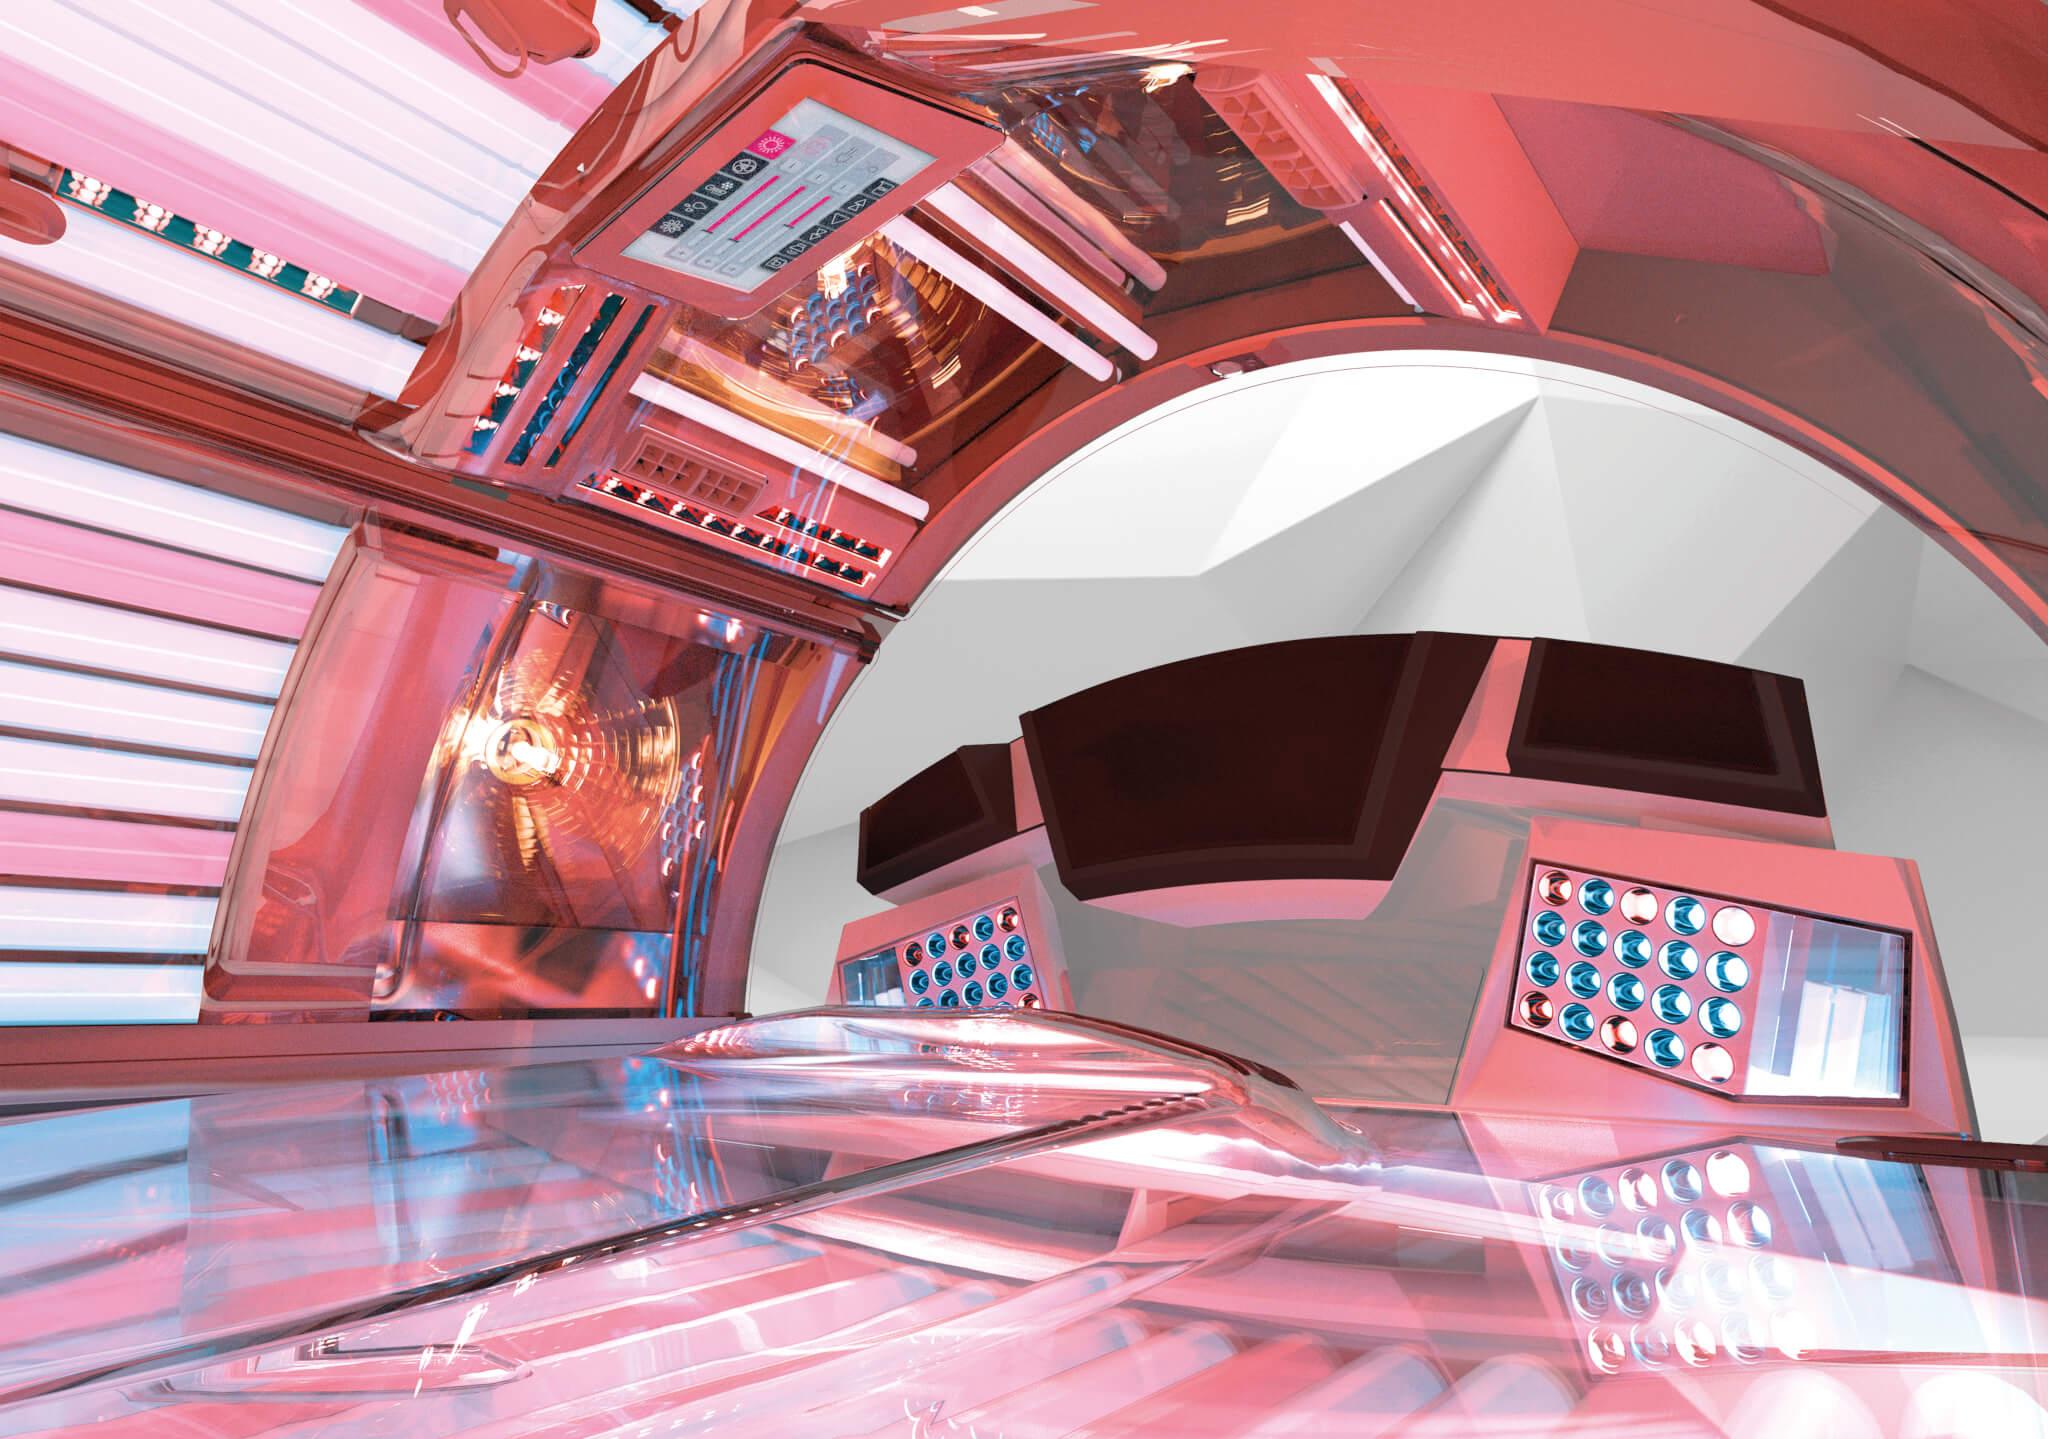 ergoline_prestige_lightvision-tunnelblick_gbt_schraeg_cmyk_140dpi